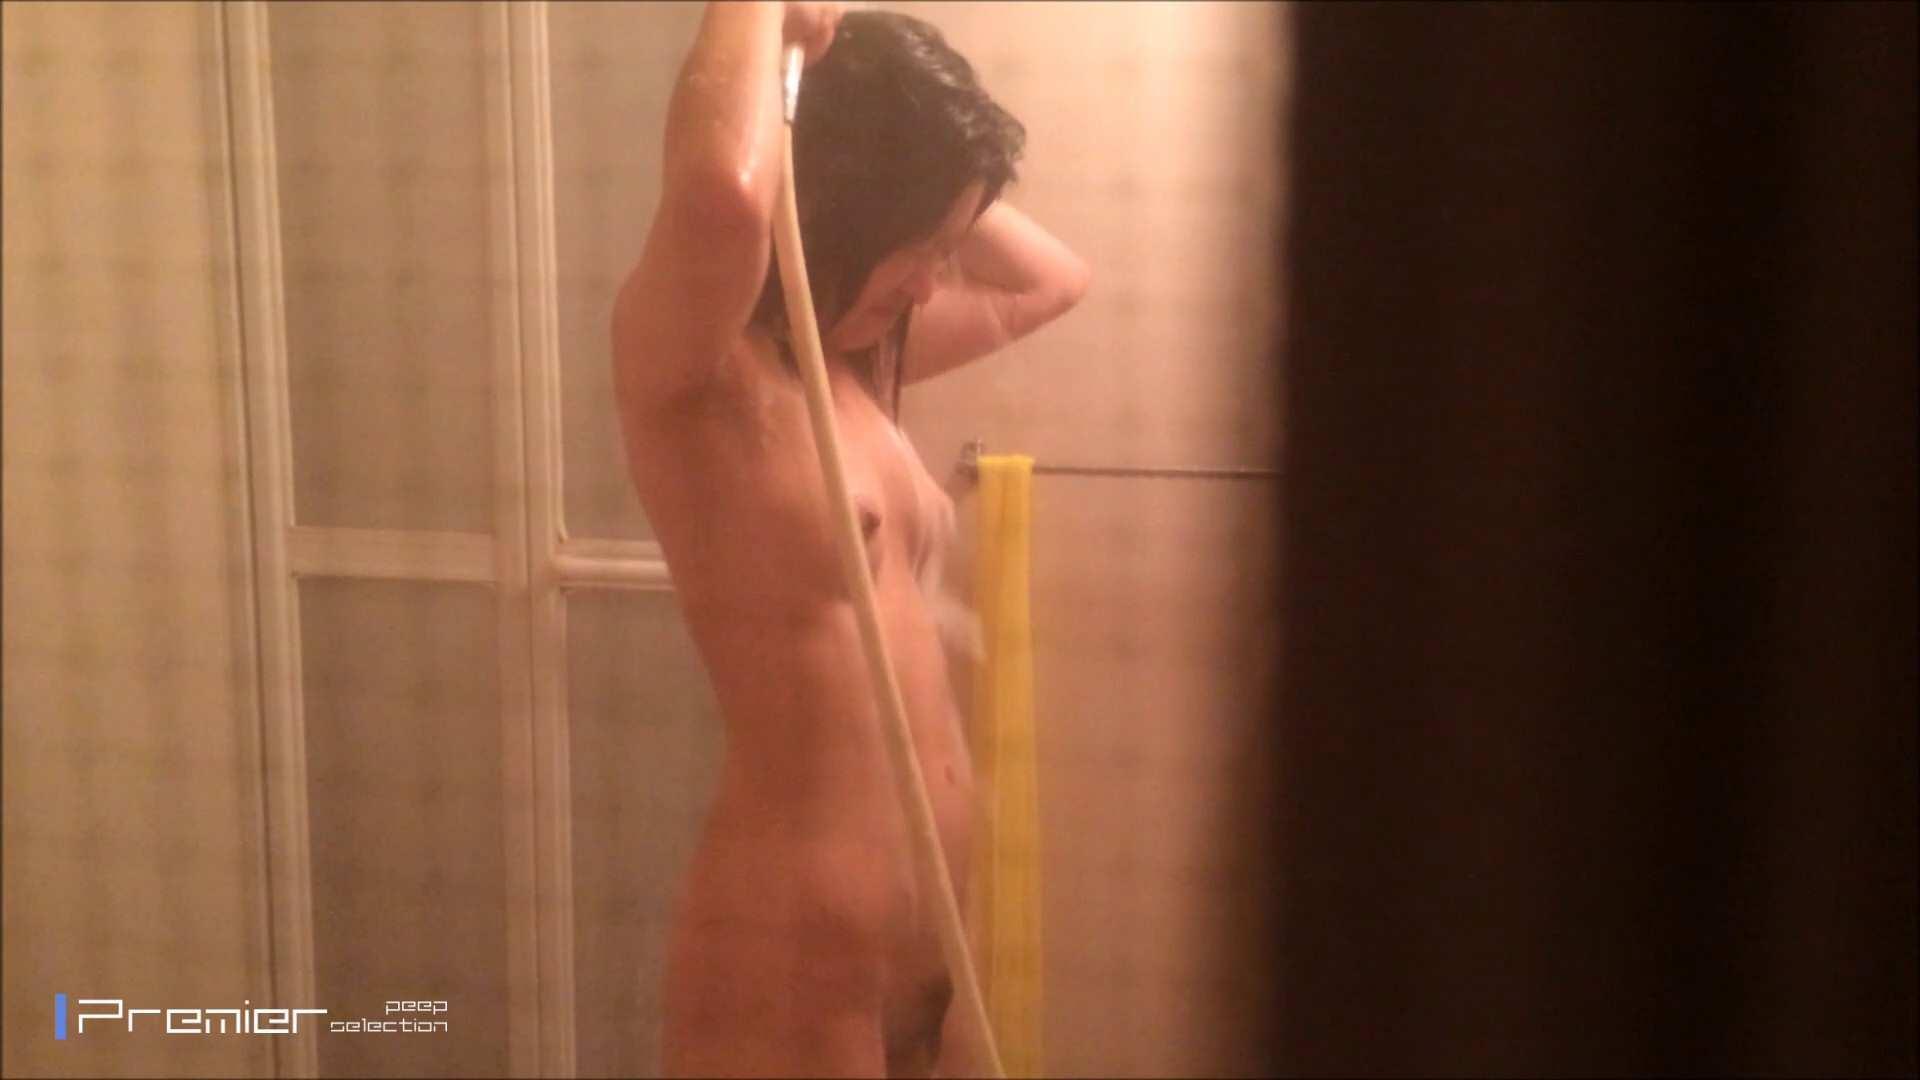 シャワーのお湯を跳ね返すお肌 乙女の風呂場 Vol.03 盗撮映像大放出 セックス画像 98連発 51